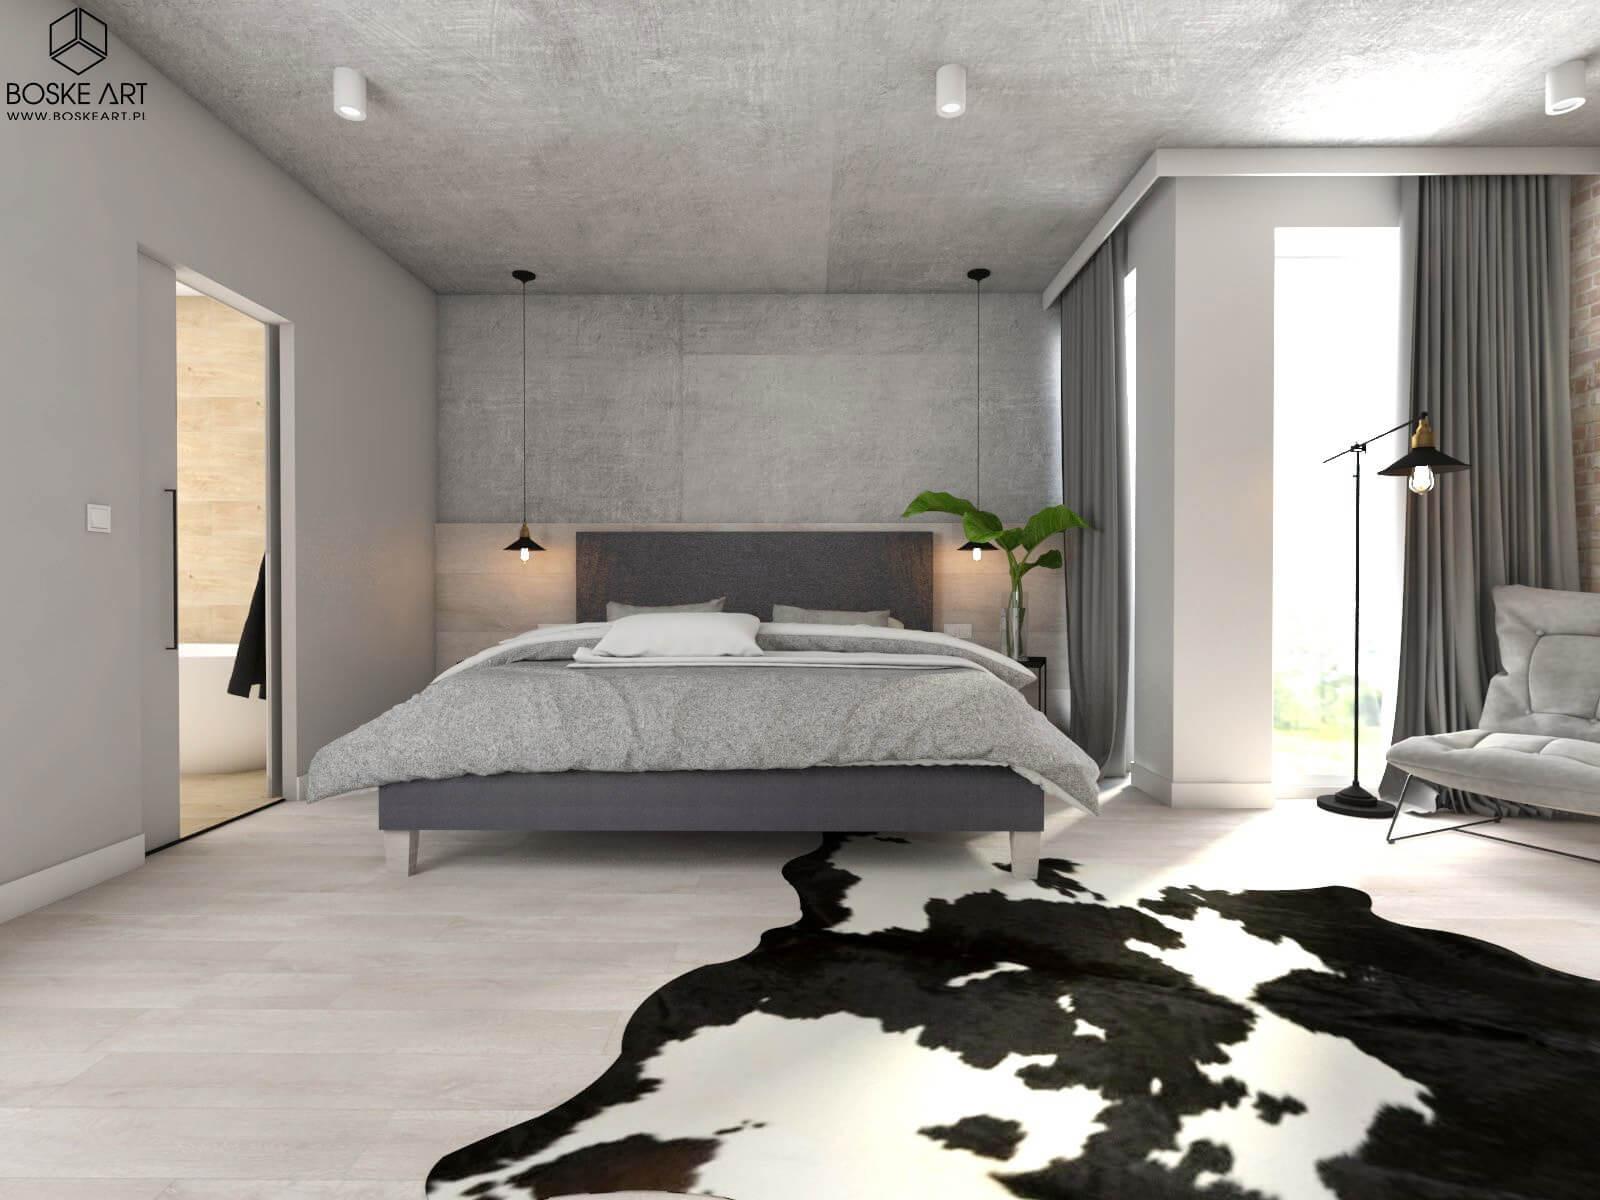 14_mieszkanie_poznan_boske_art_projektowanie_wnetrz_architektura_natalia_robaszkiewicz-min